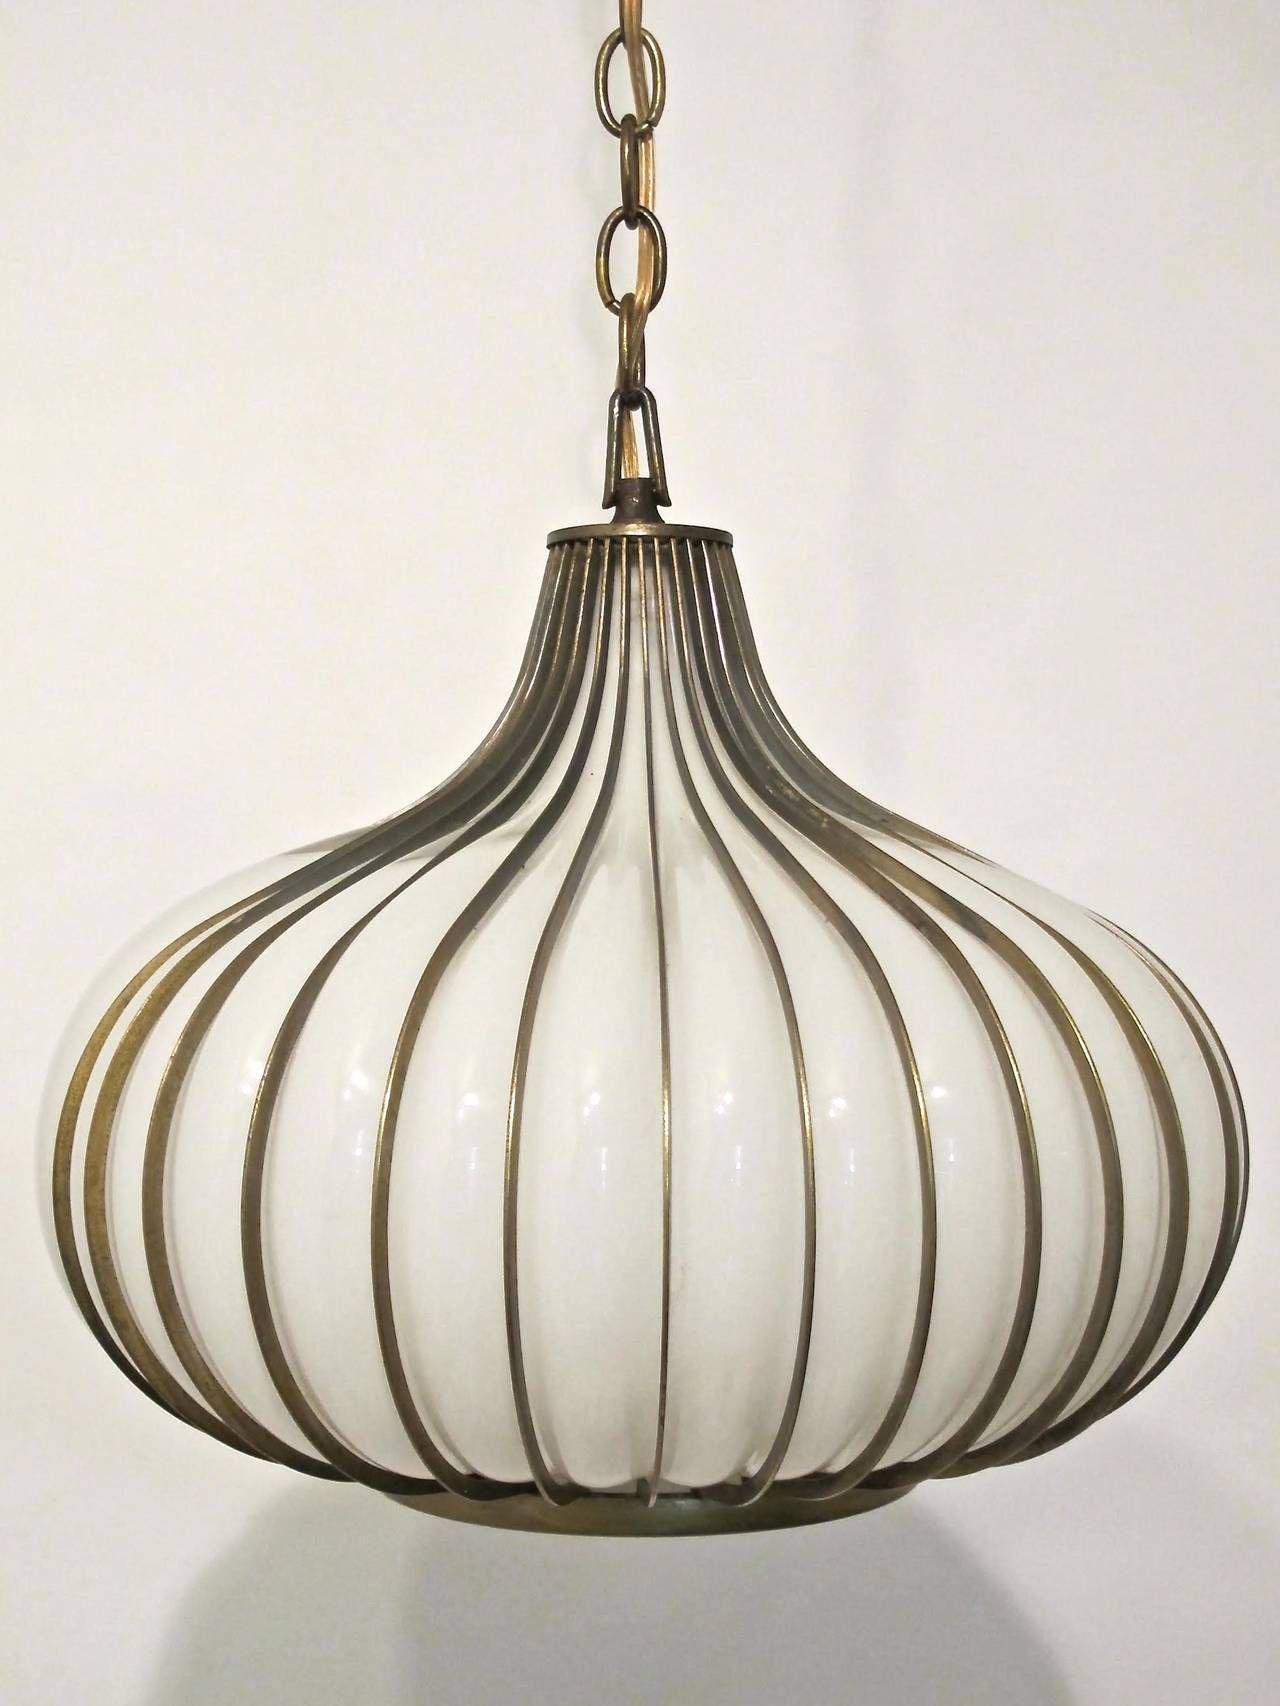 Mid Century Onion Pendant Light Fixture